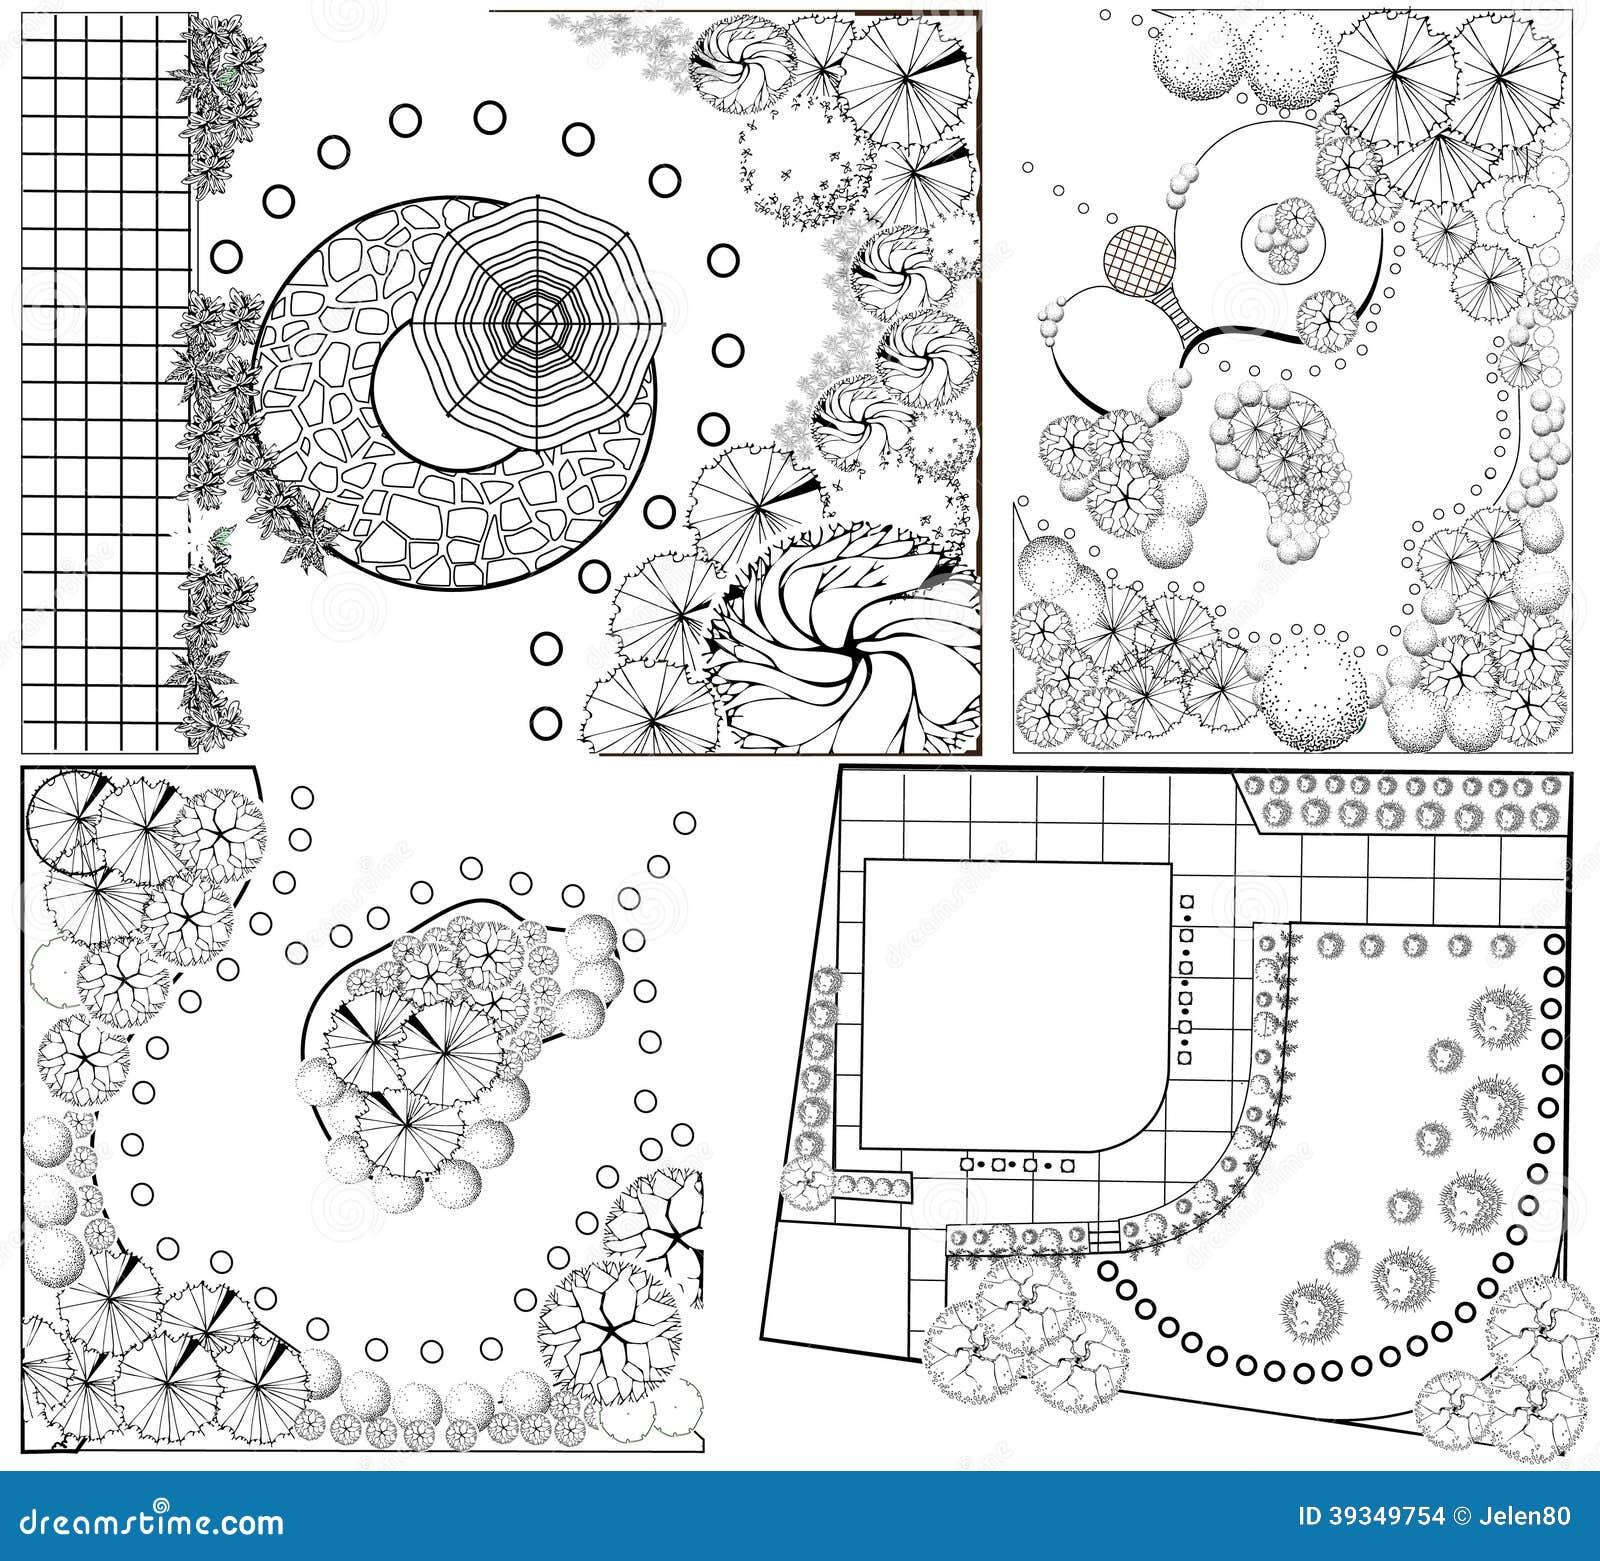 Plans de paysage des collections OD